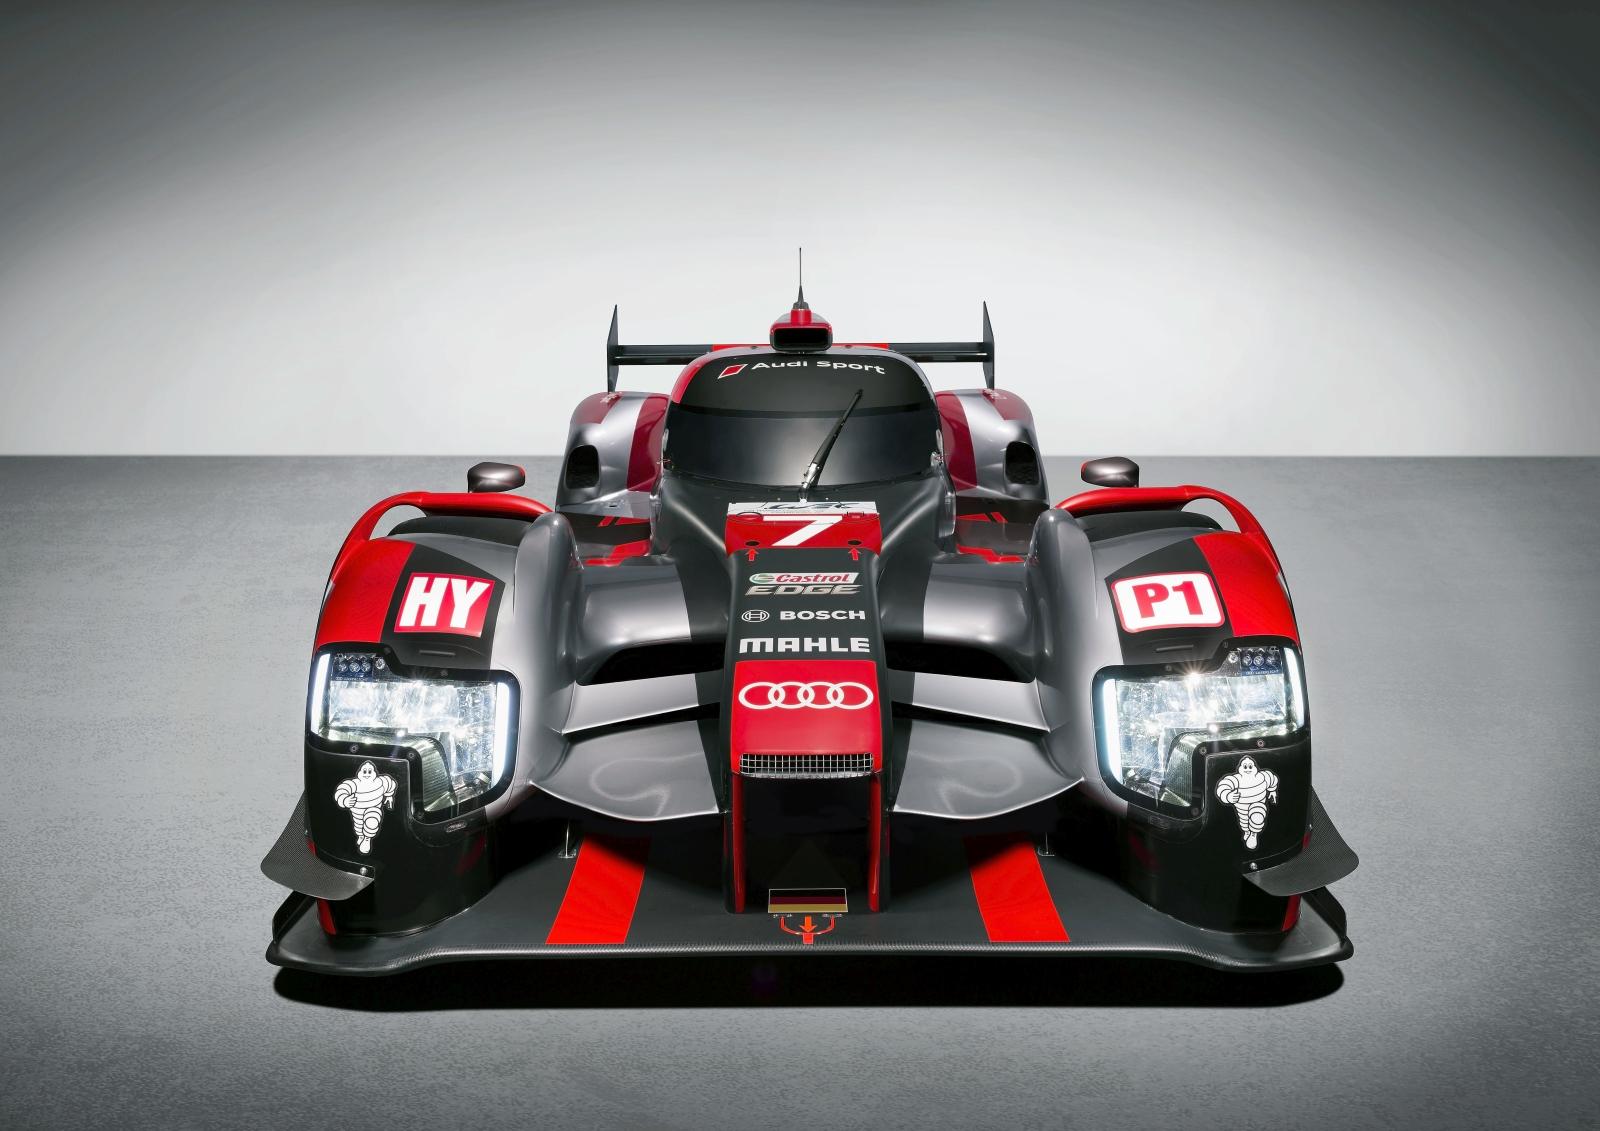 2016 Audi R18 Le Mans Prototype Race Car Unveiled Motoroids